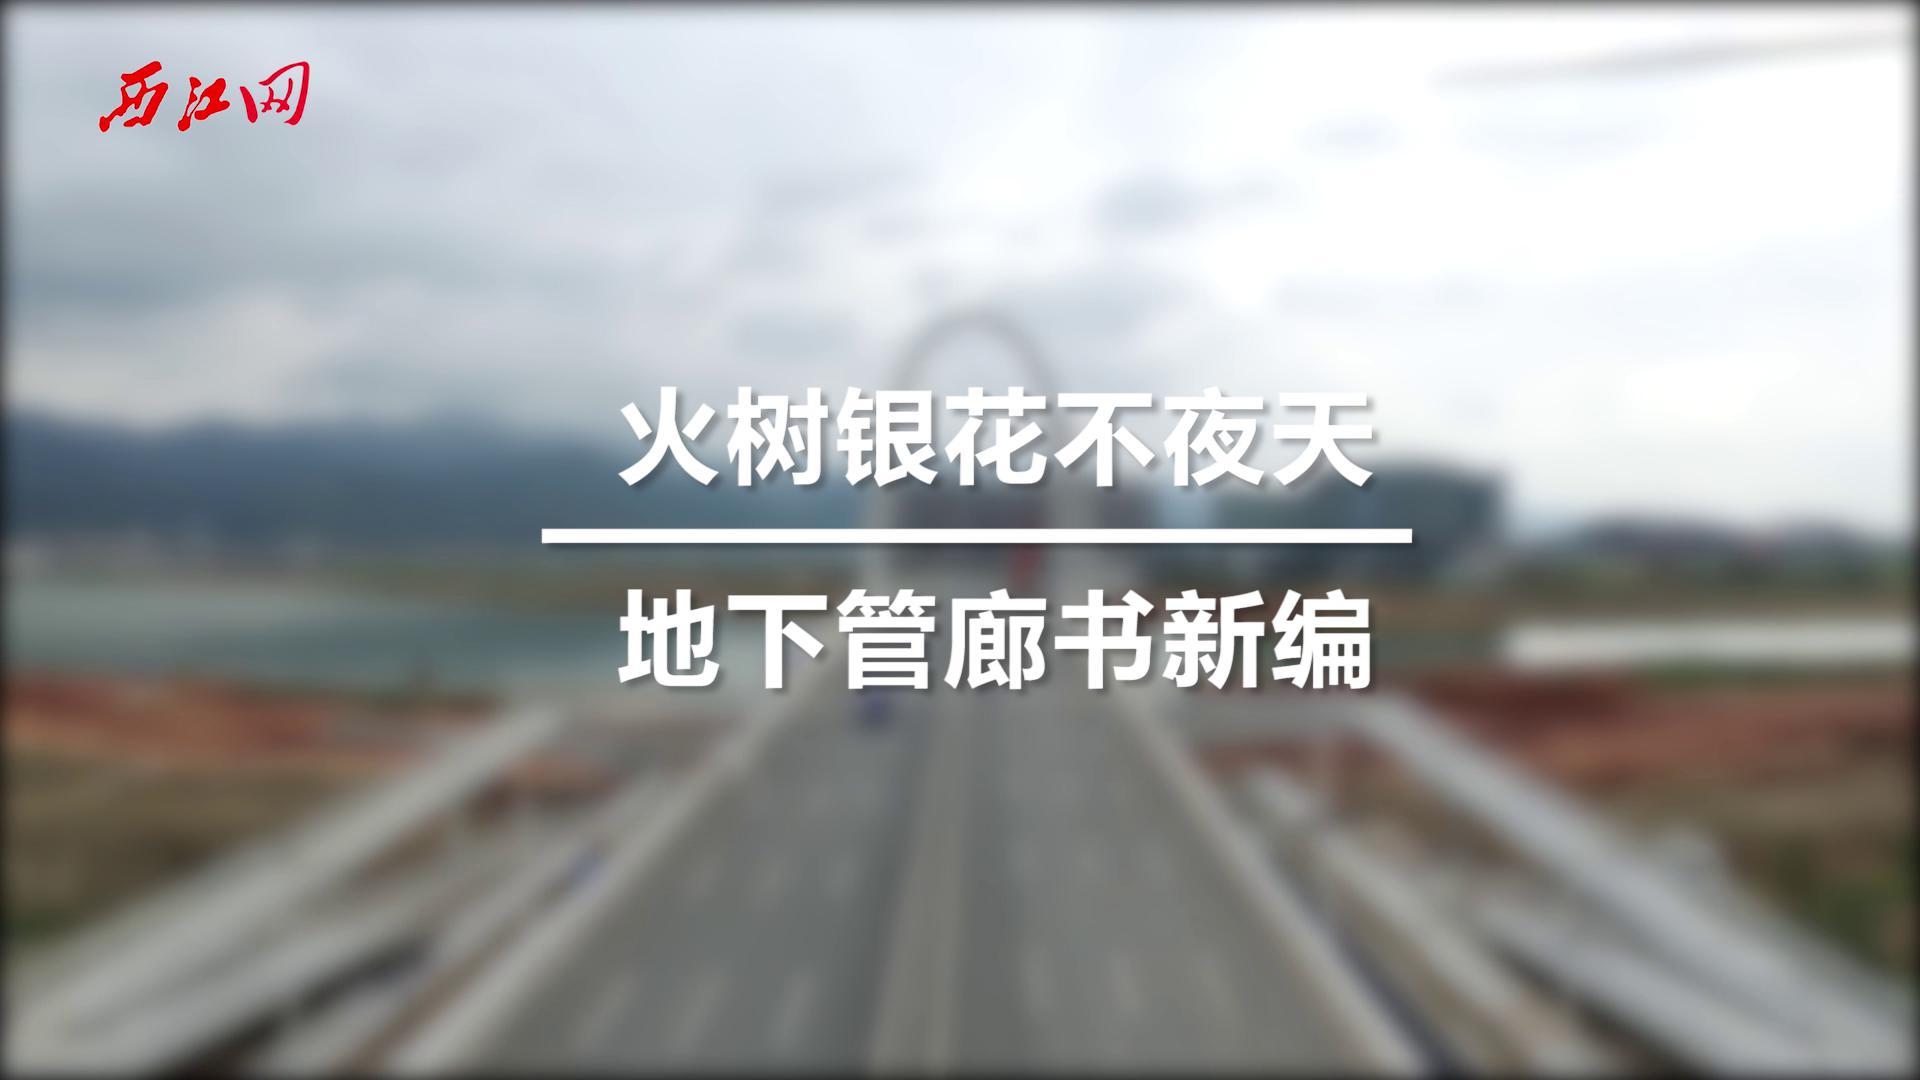 火树银花不夜天 地下管廊书新编